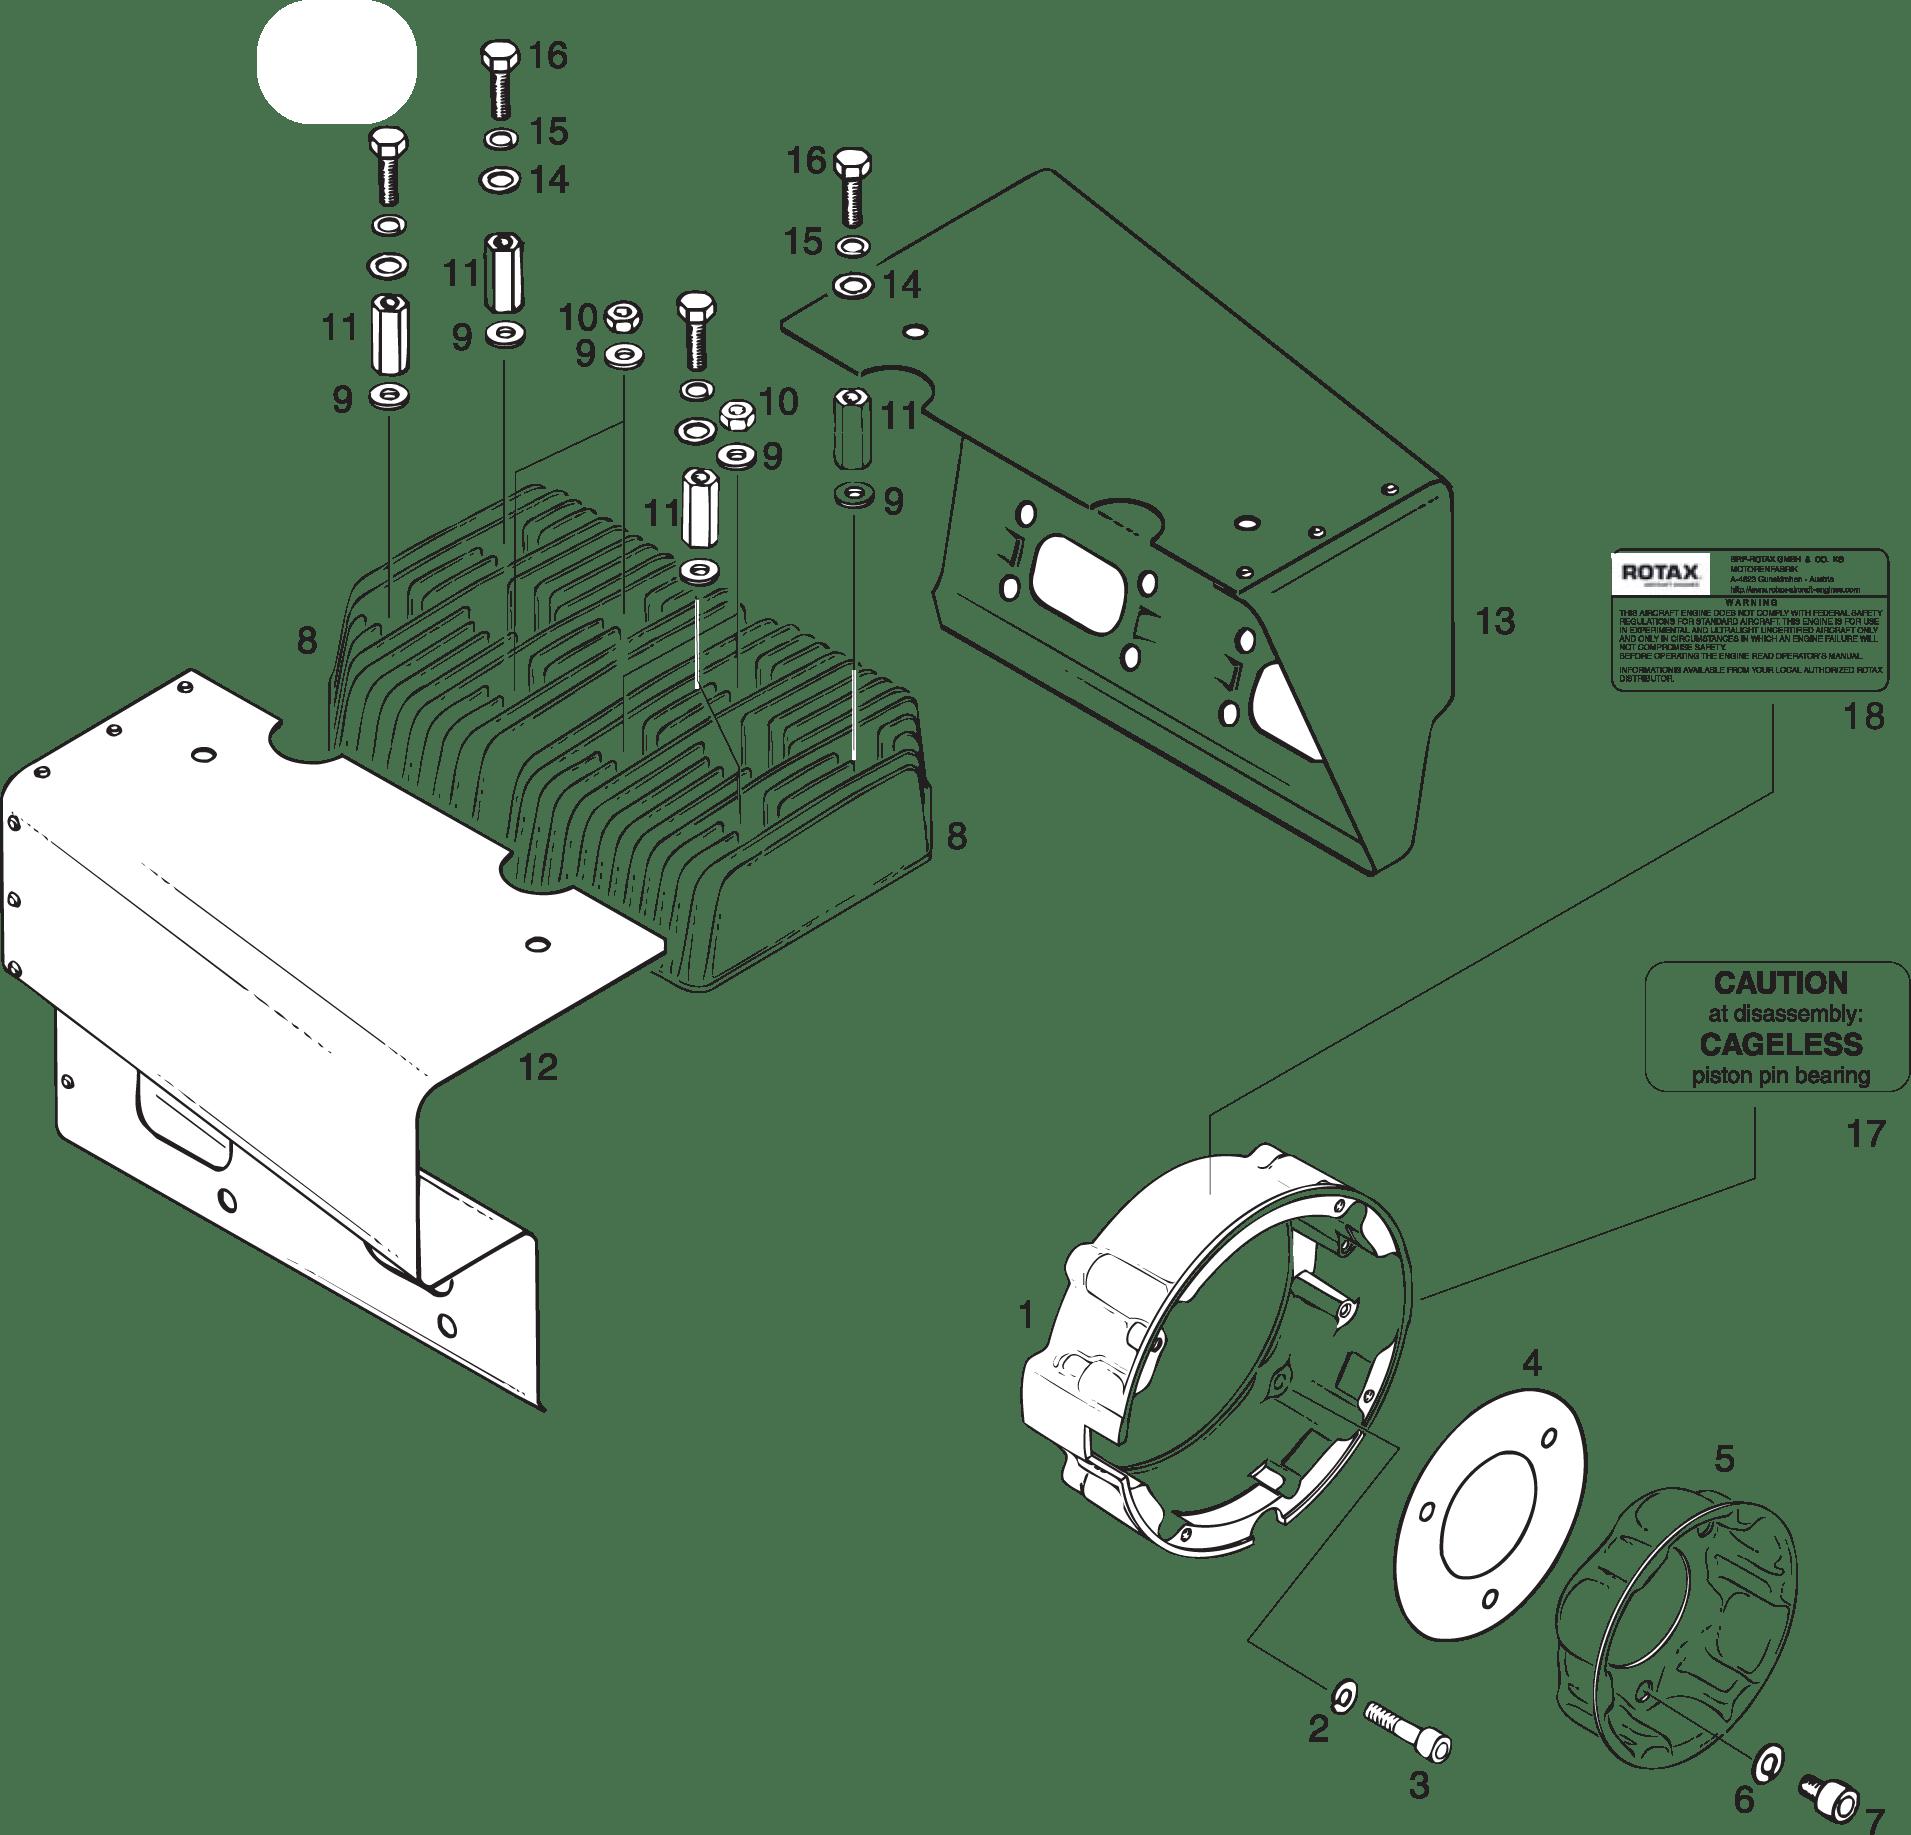 1987 Suzuki Samurai Wiring Diagram. Suzuki. Auto Wiring